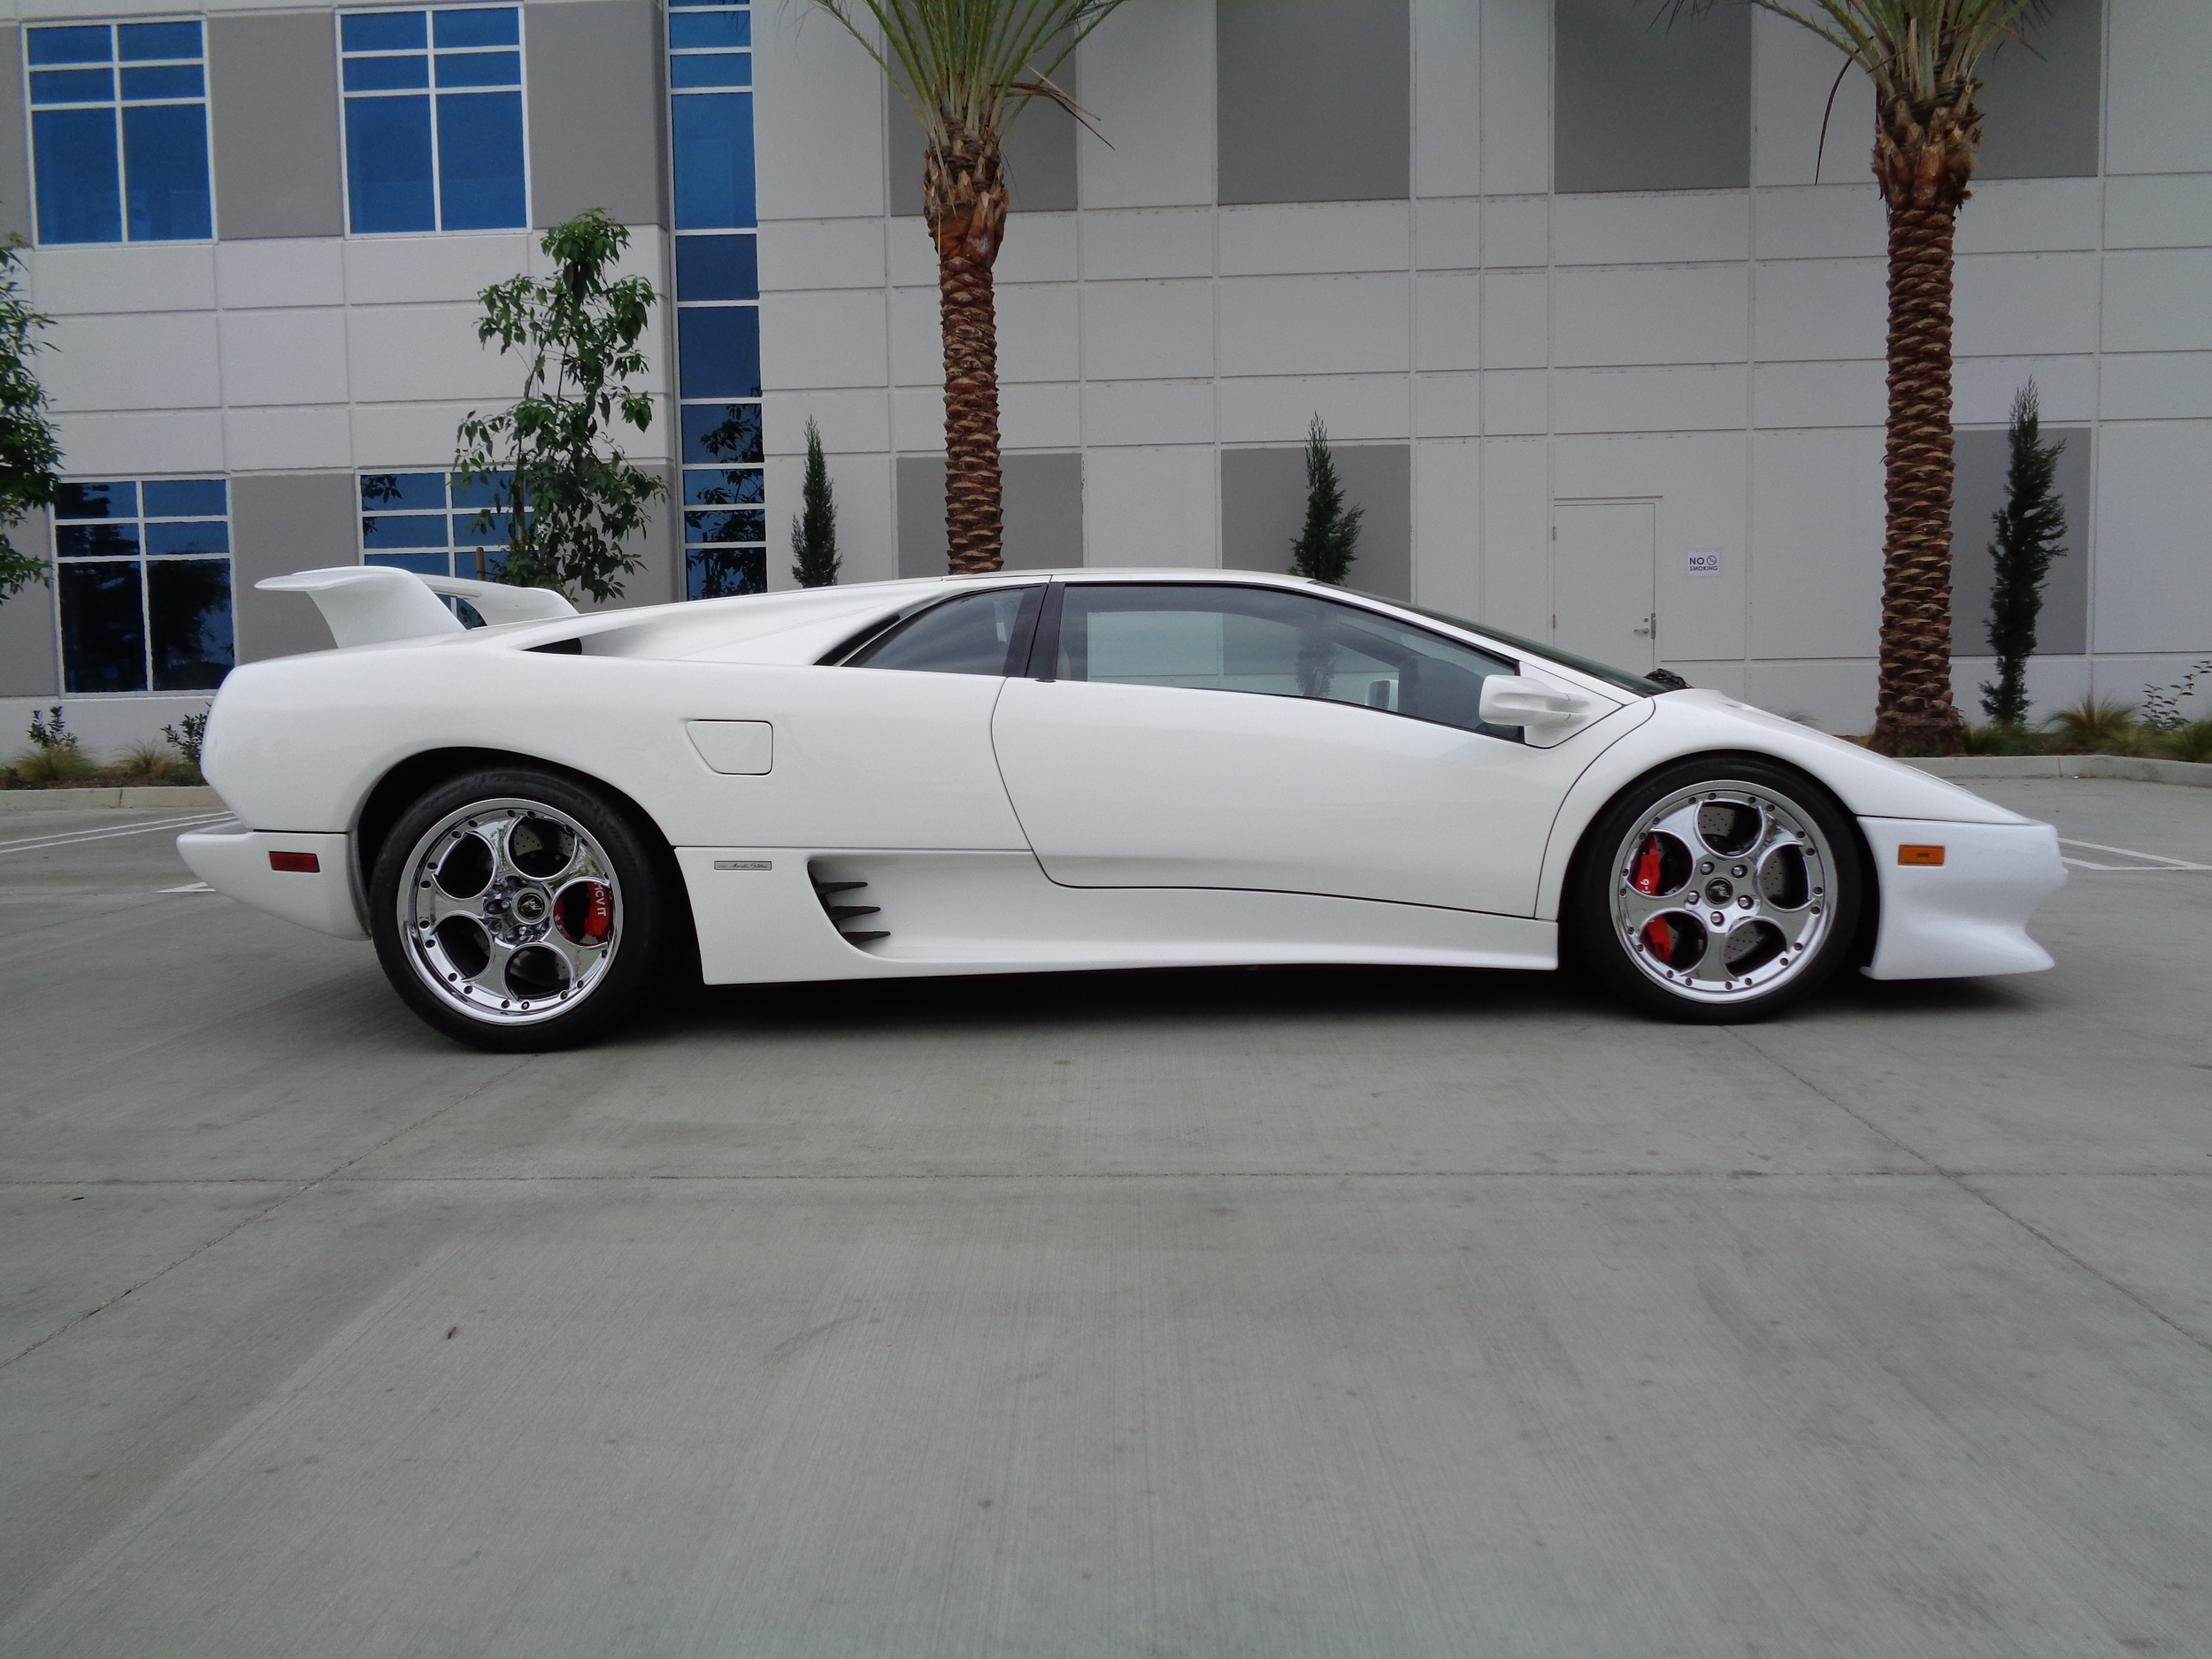 Sold 1992 Lamborghini Diablo White With Beige Only 10k Autotiq